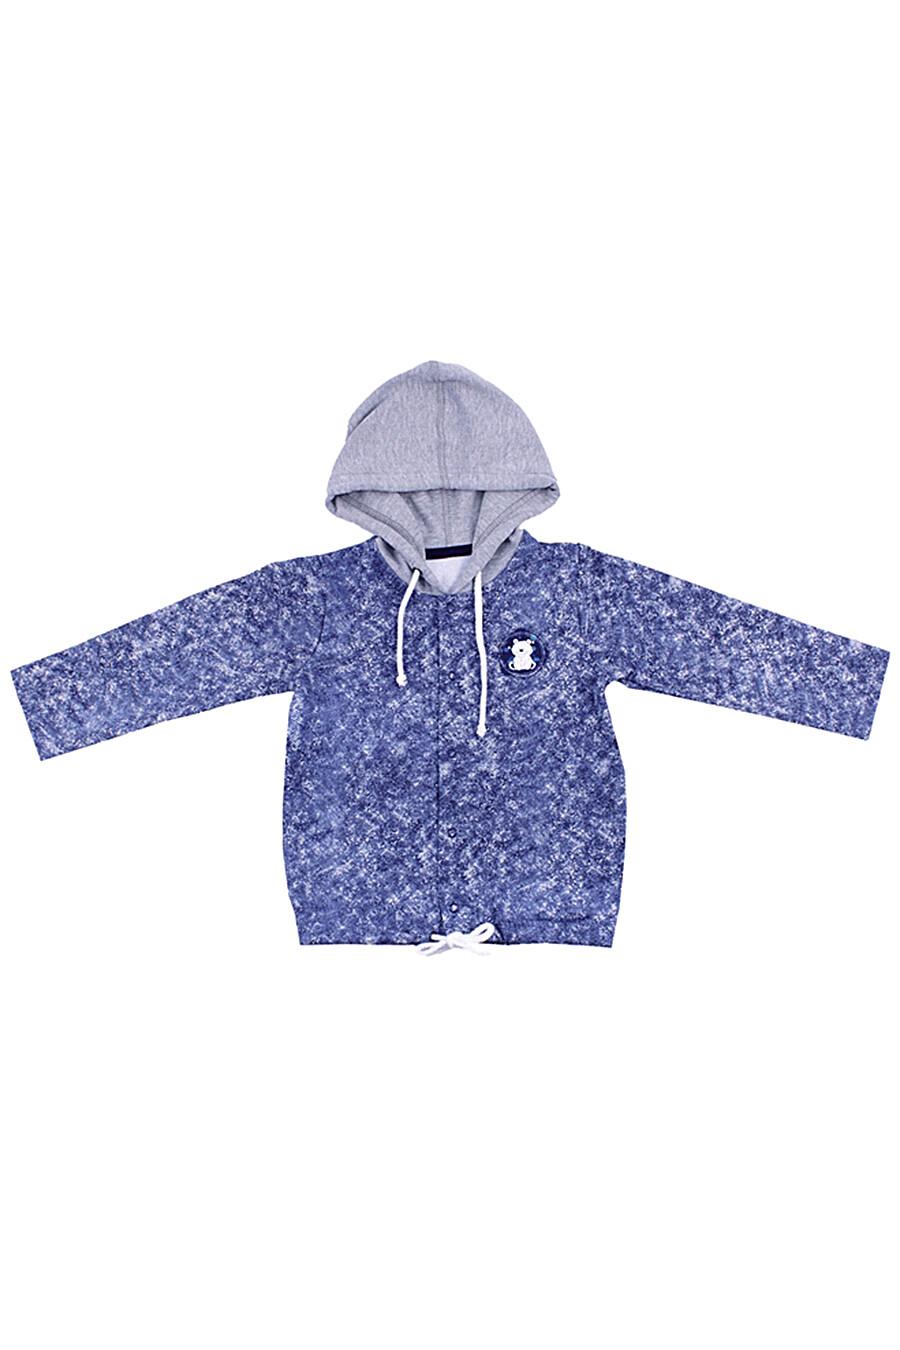 Куртка для мальчиков АПРЕЛЬ 700249 купить оптом от производителя. Совместная покупка детской одежды в OptMoyo